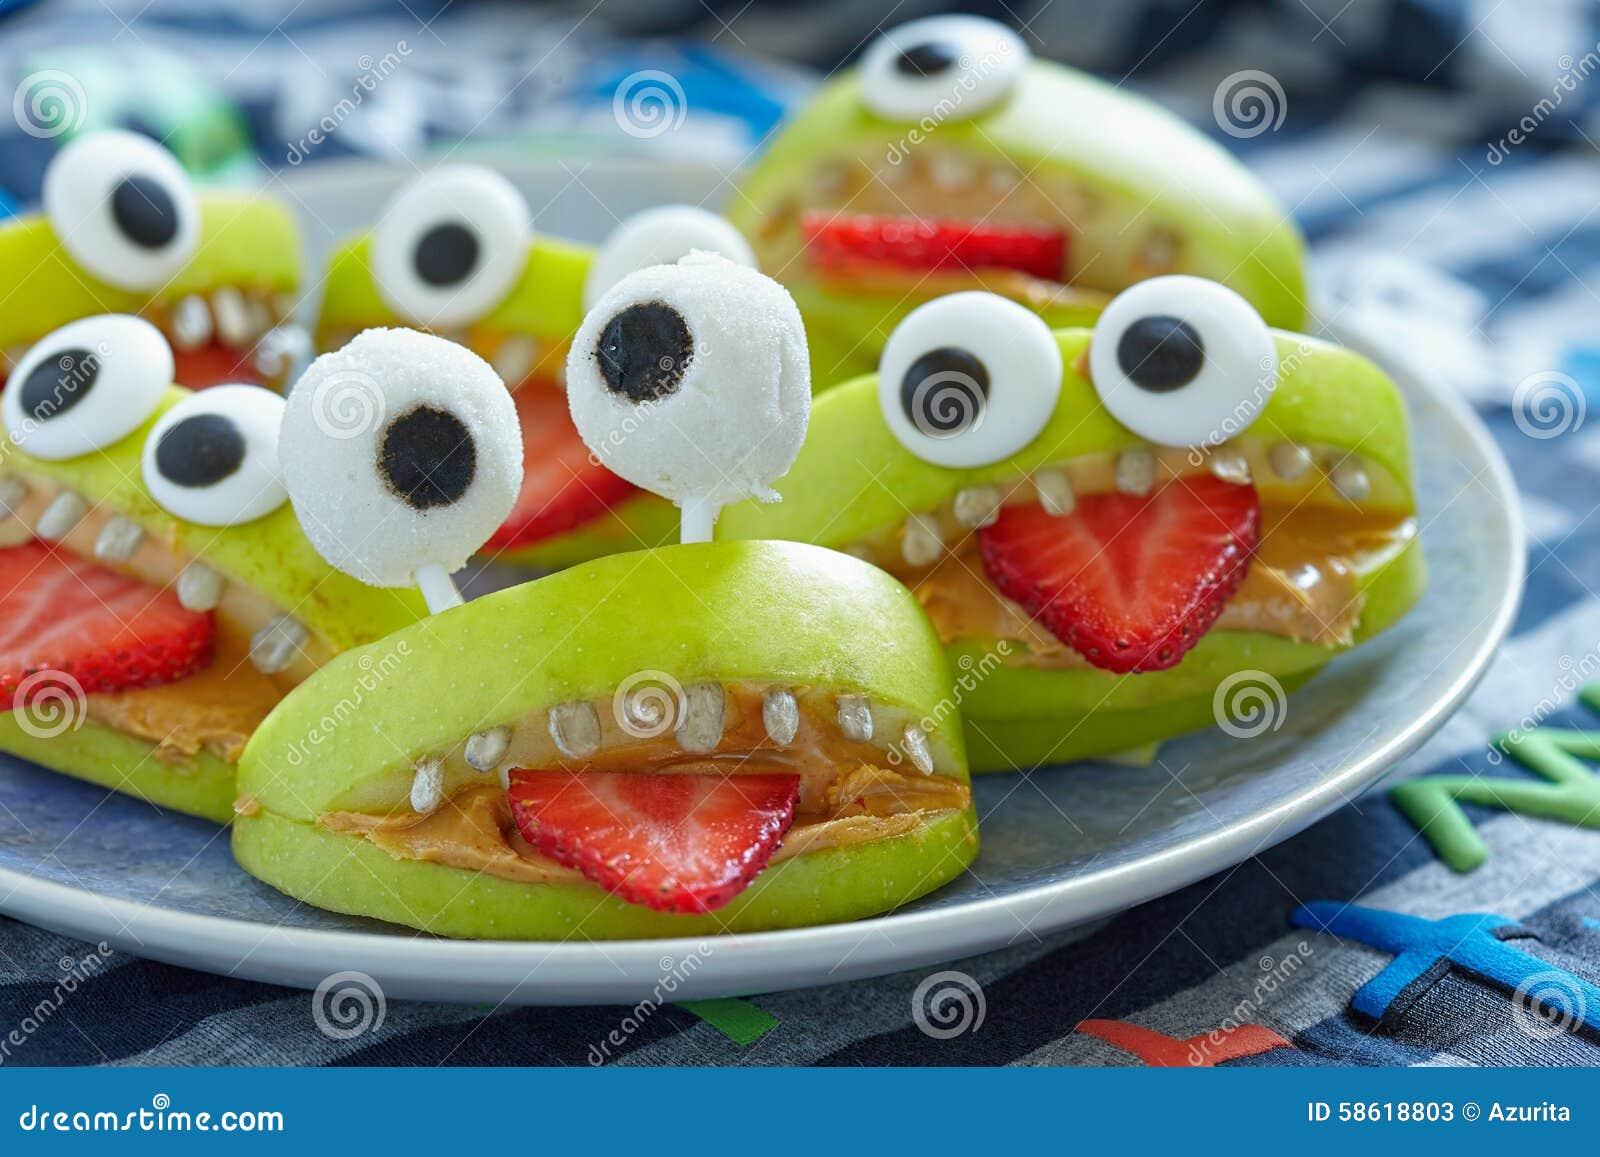 Easy Halloween Healthy Food Ideas